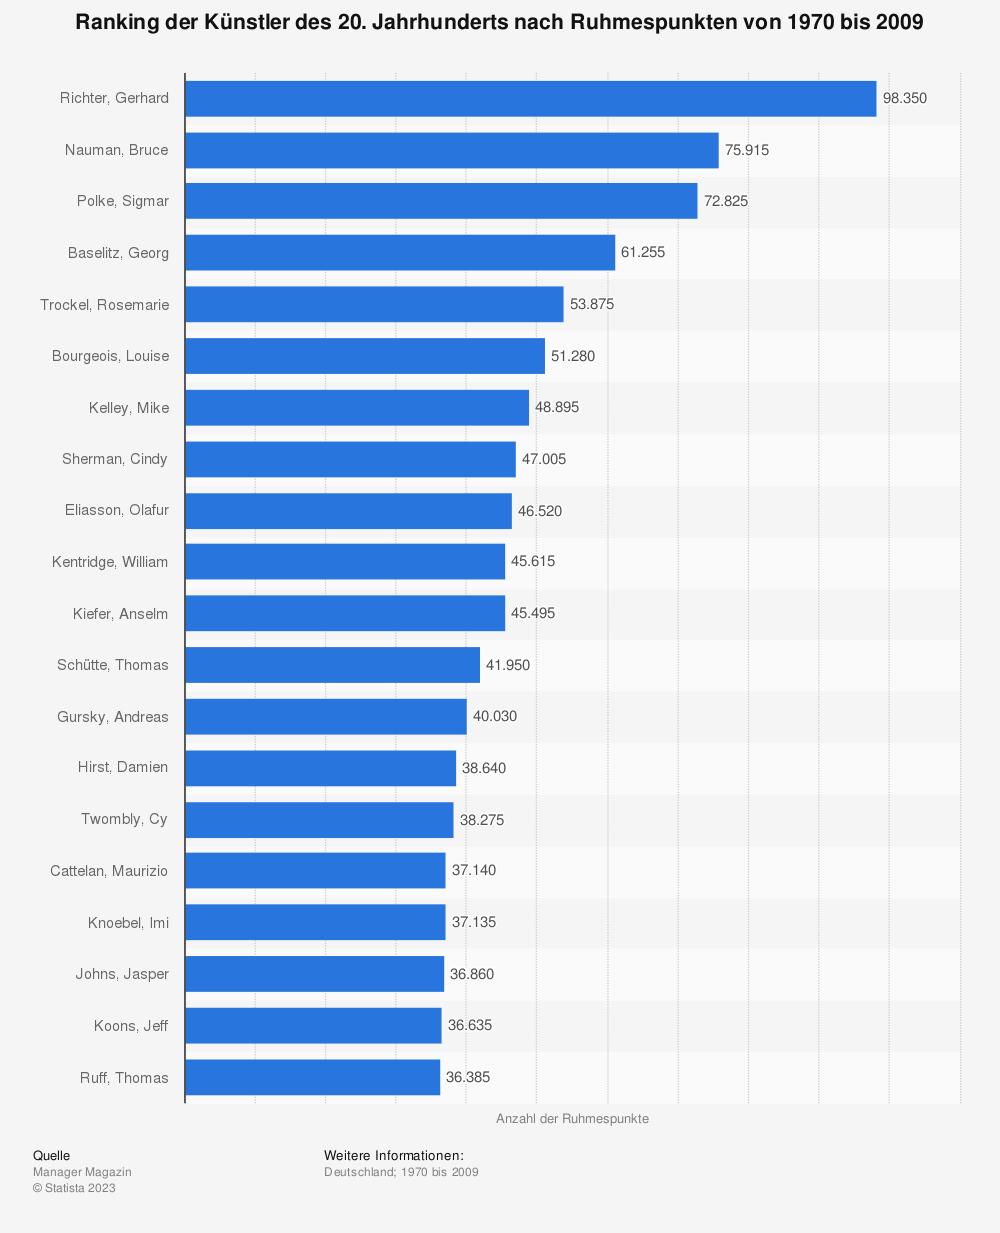 Statistik: Ranking der Künstler des 20. Jahrhunderts nach Ruhmespunkten von 1970 bis 2009 | Statista